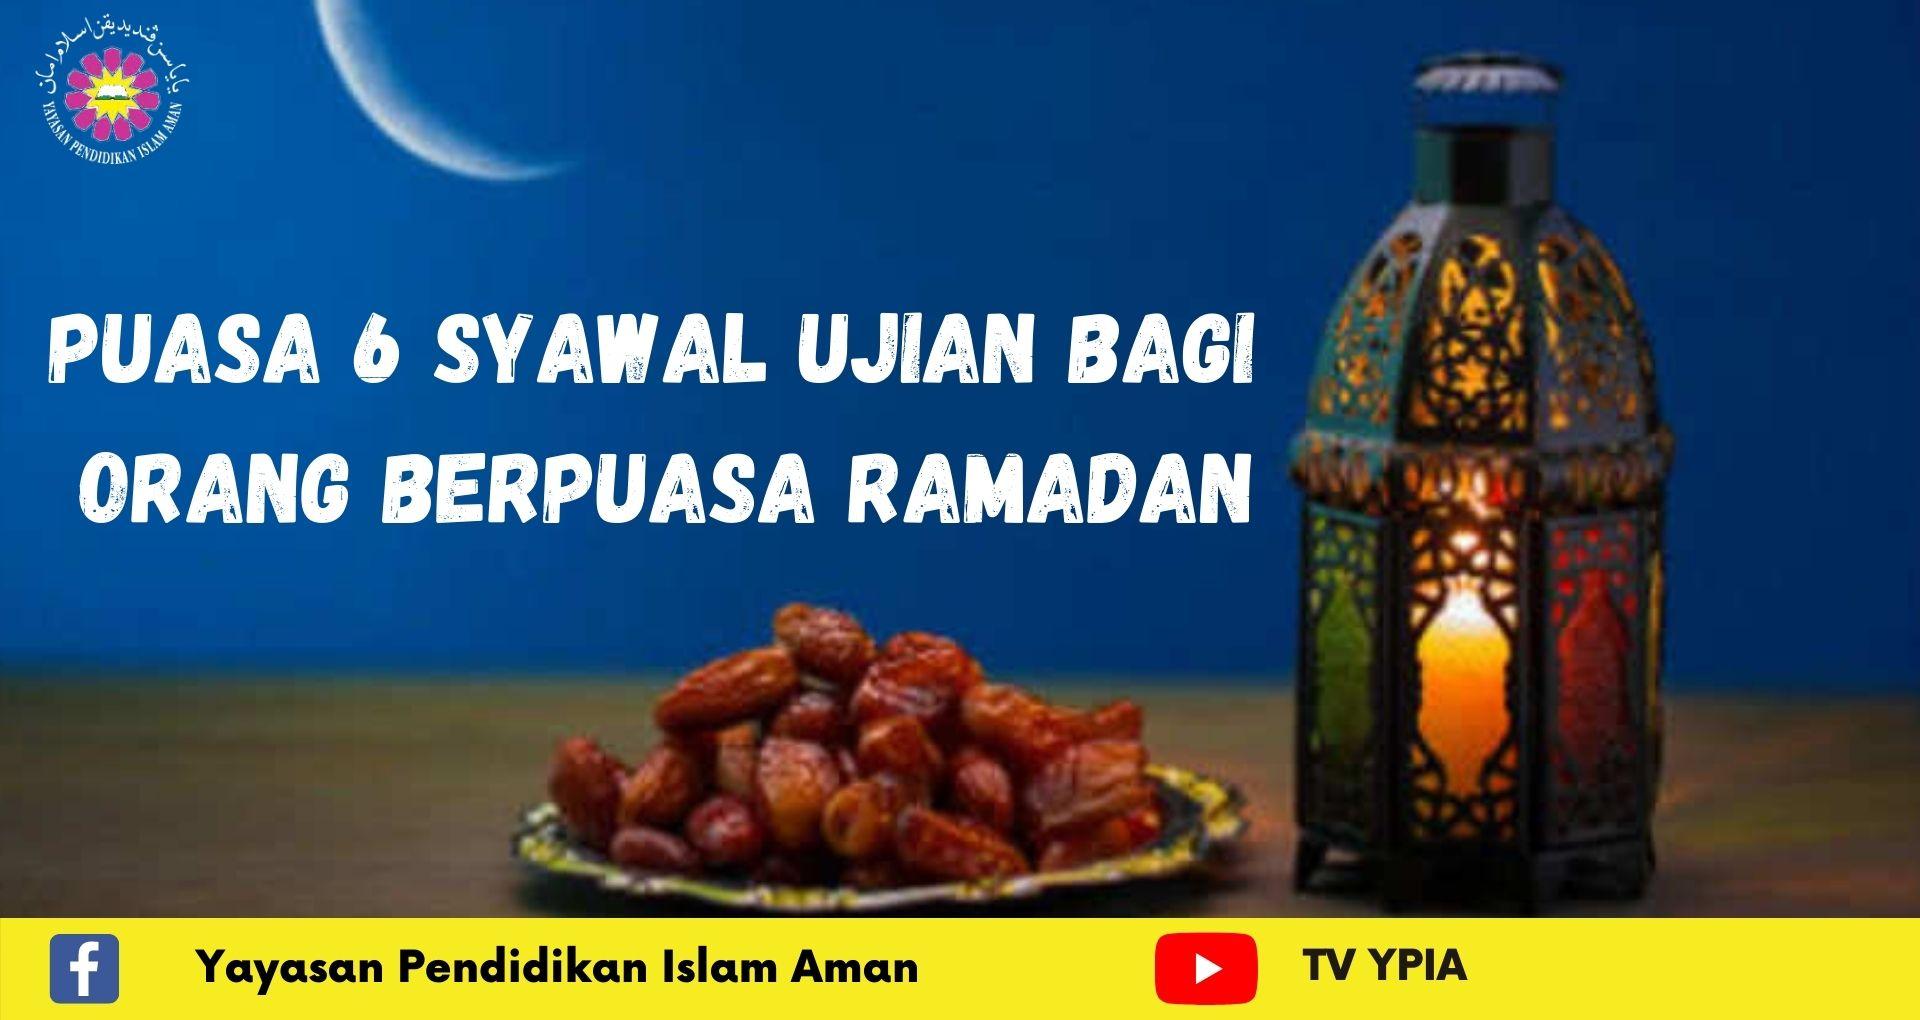 Puasa 6 Syawal Adalah Ujian Bagi Orang Yang Berpuasa Ramadhan